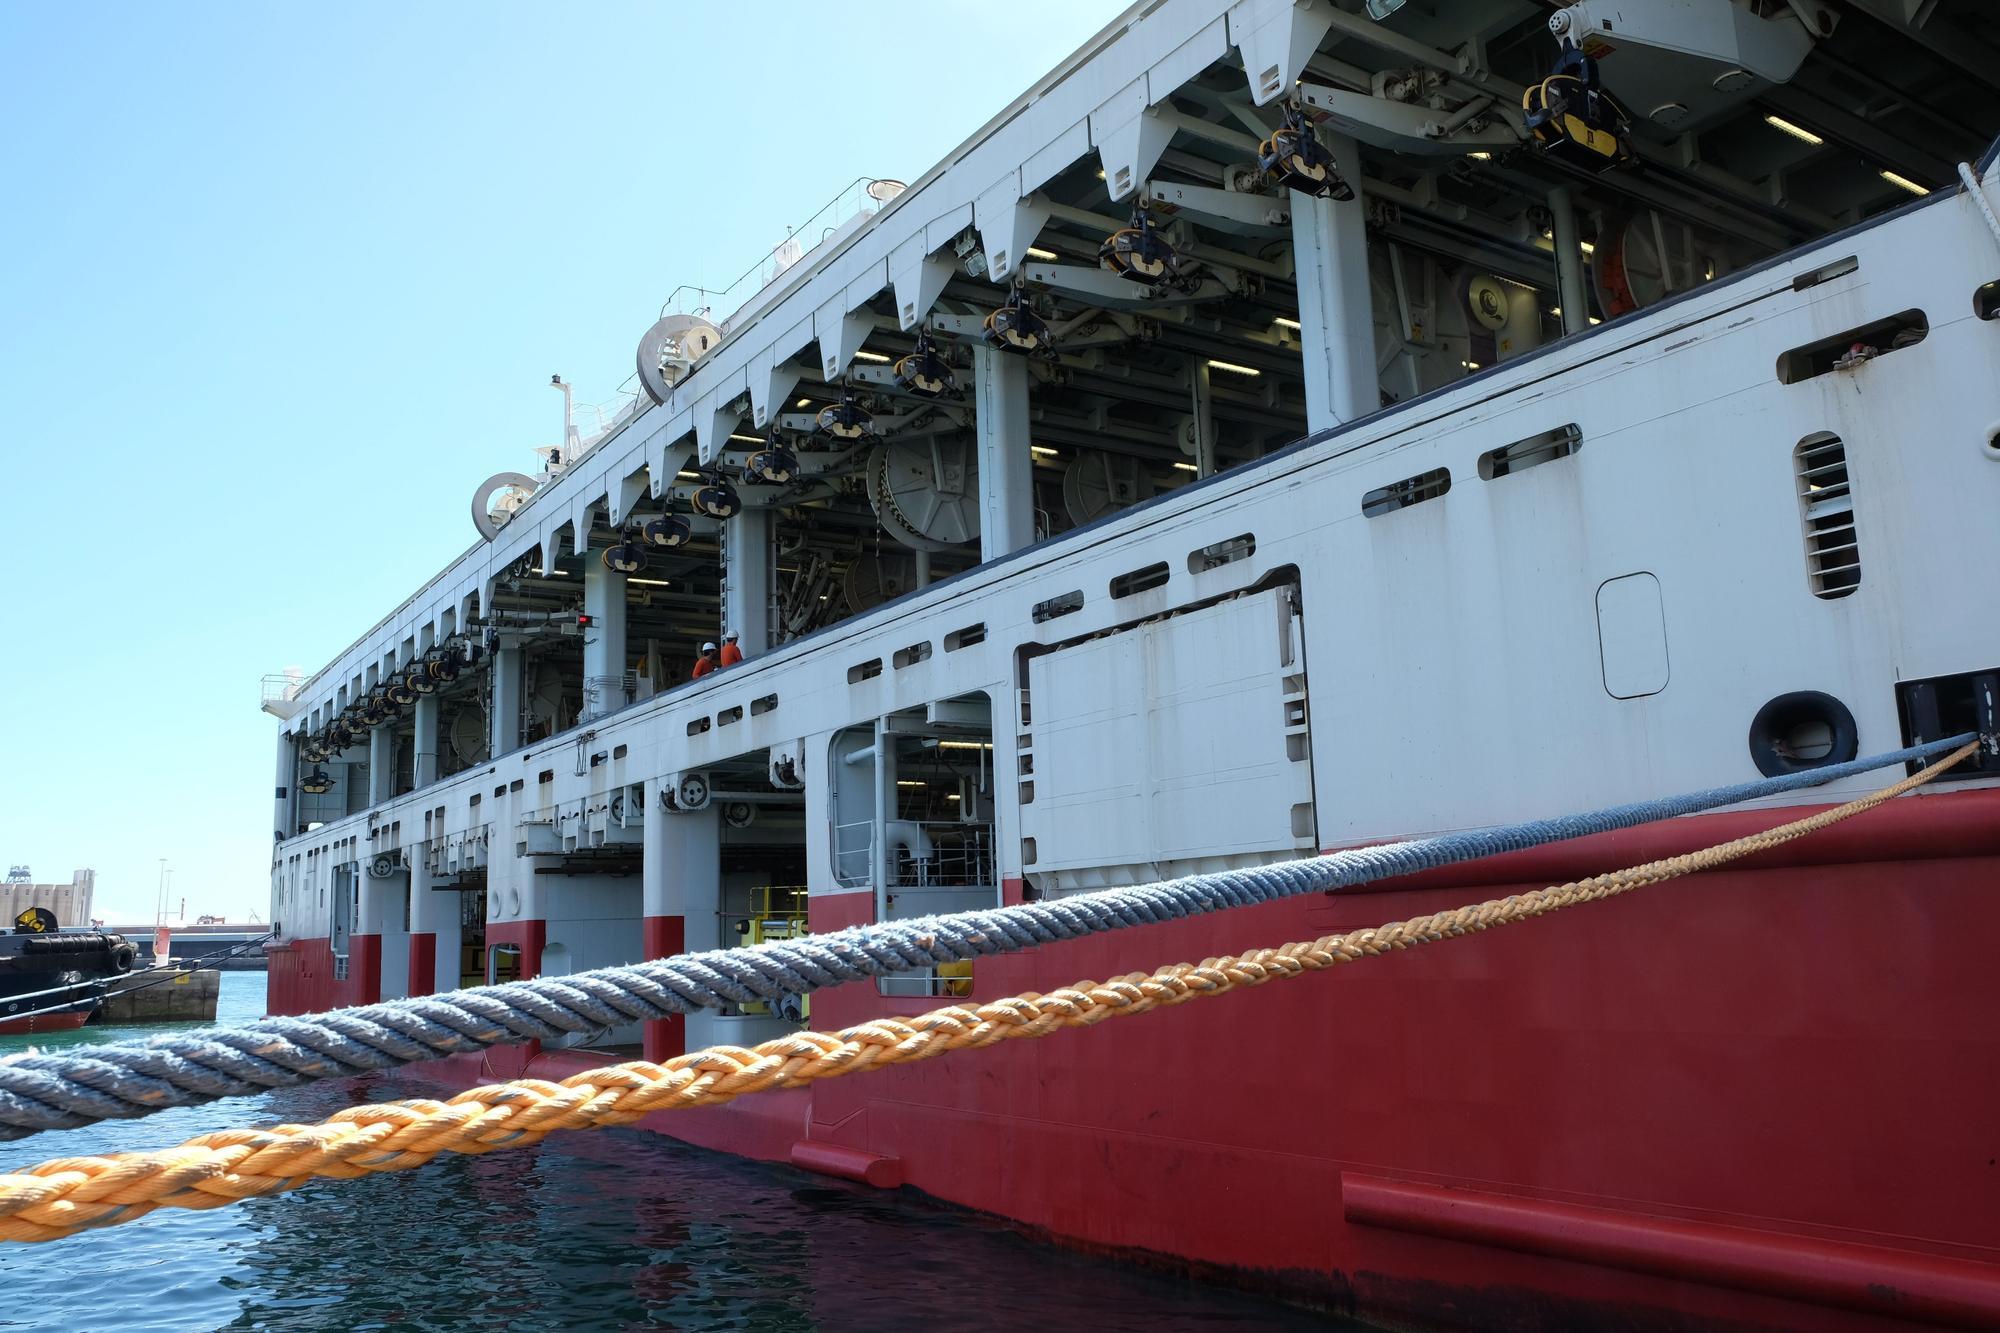 El barco más ancho del mundo, en Las Palmas